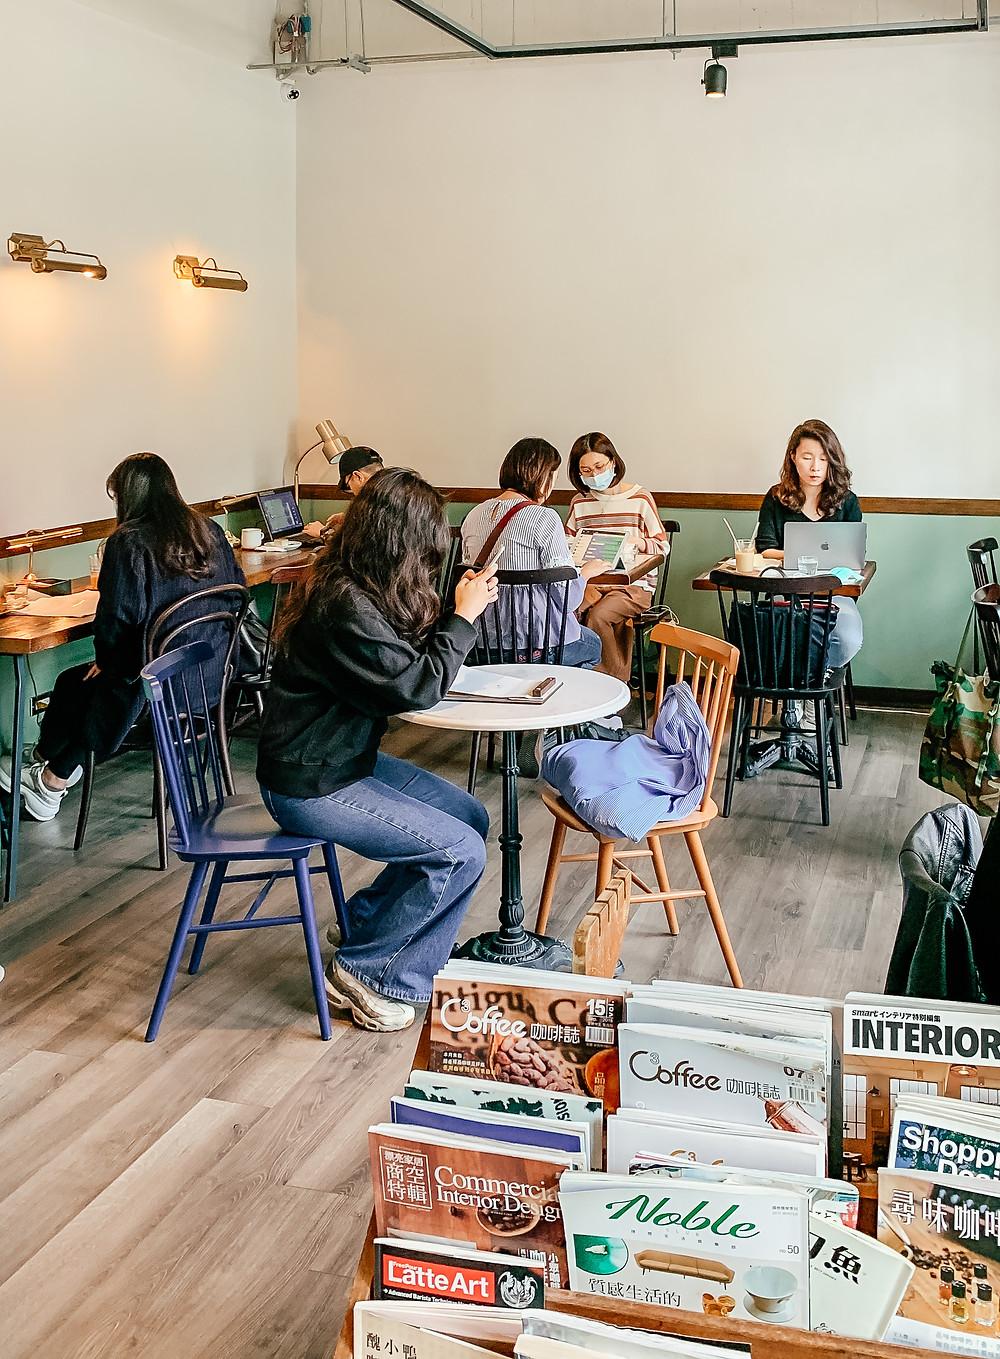 光景 Scene Select | Taipei Cafe |  A Style Alike